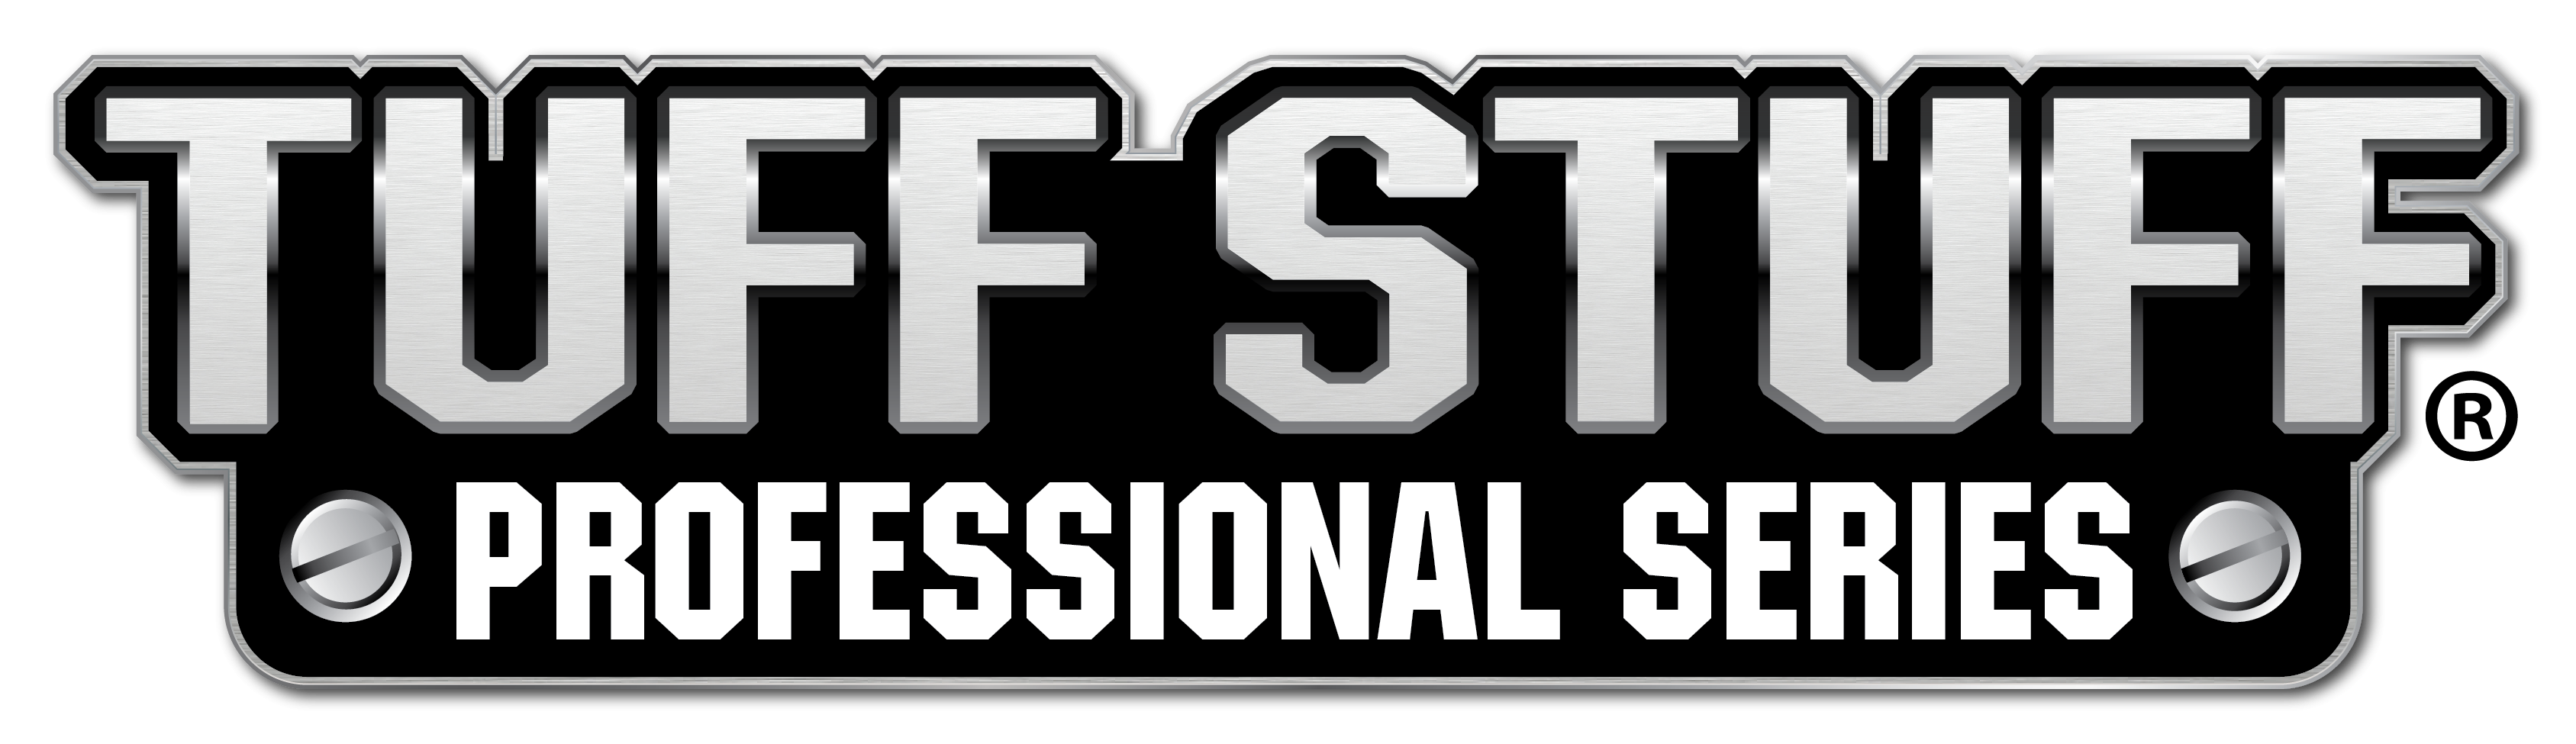 Tuff Stuff Professional Series